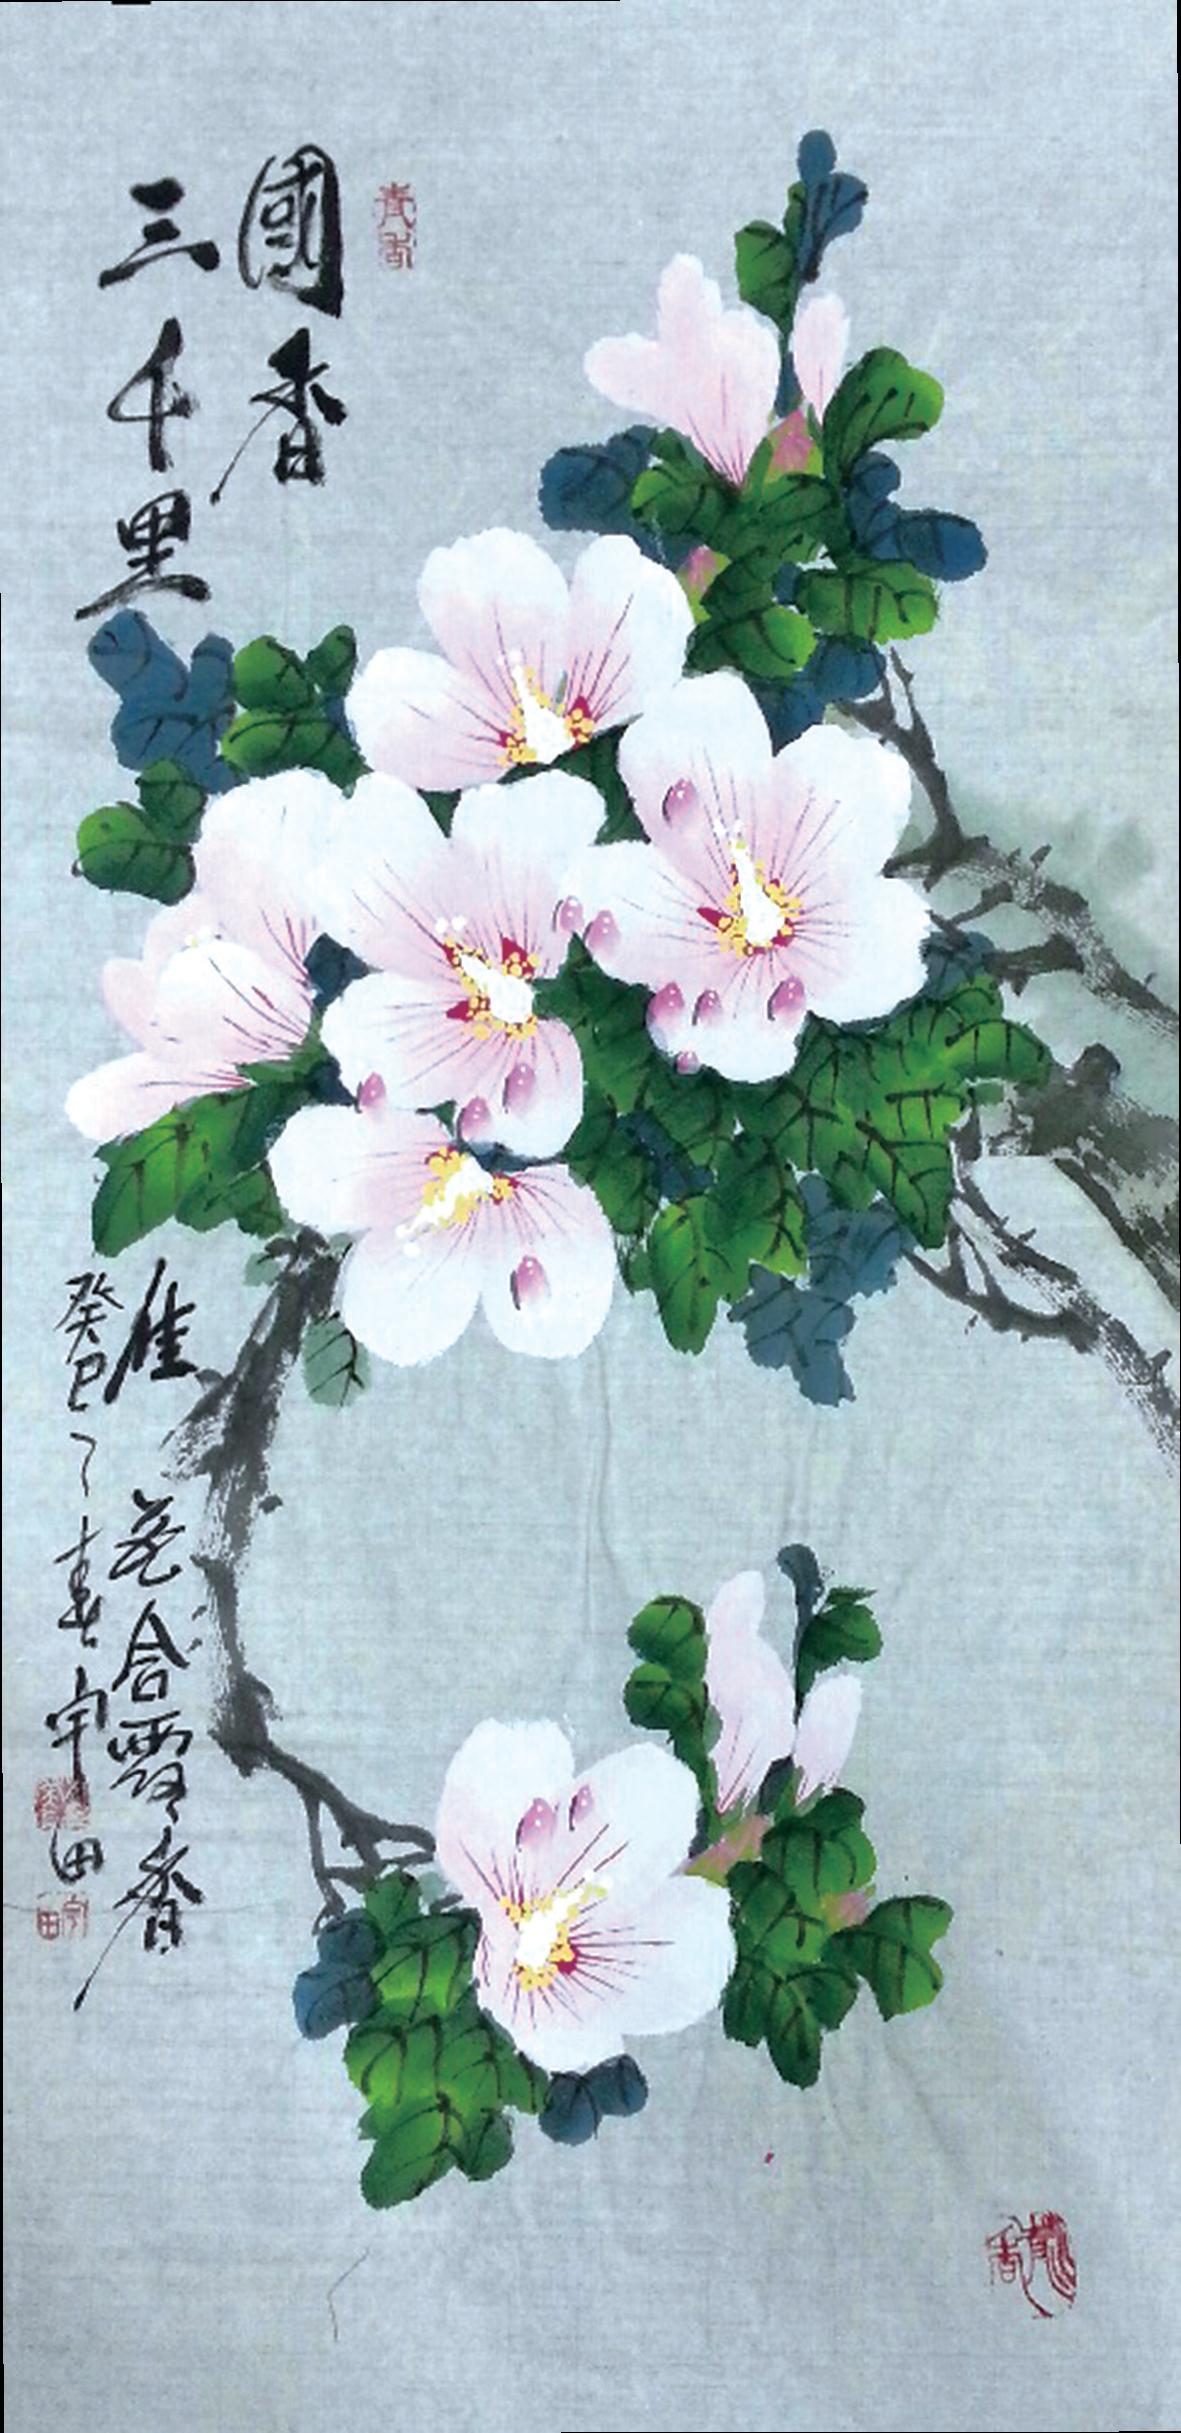 박영실(한국화)-나라꽃 (무궁화)향기 삼천리 금수강산에 펼친다.